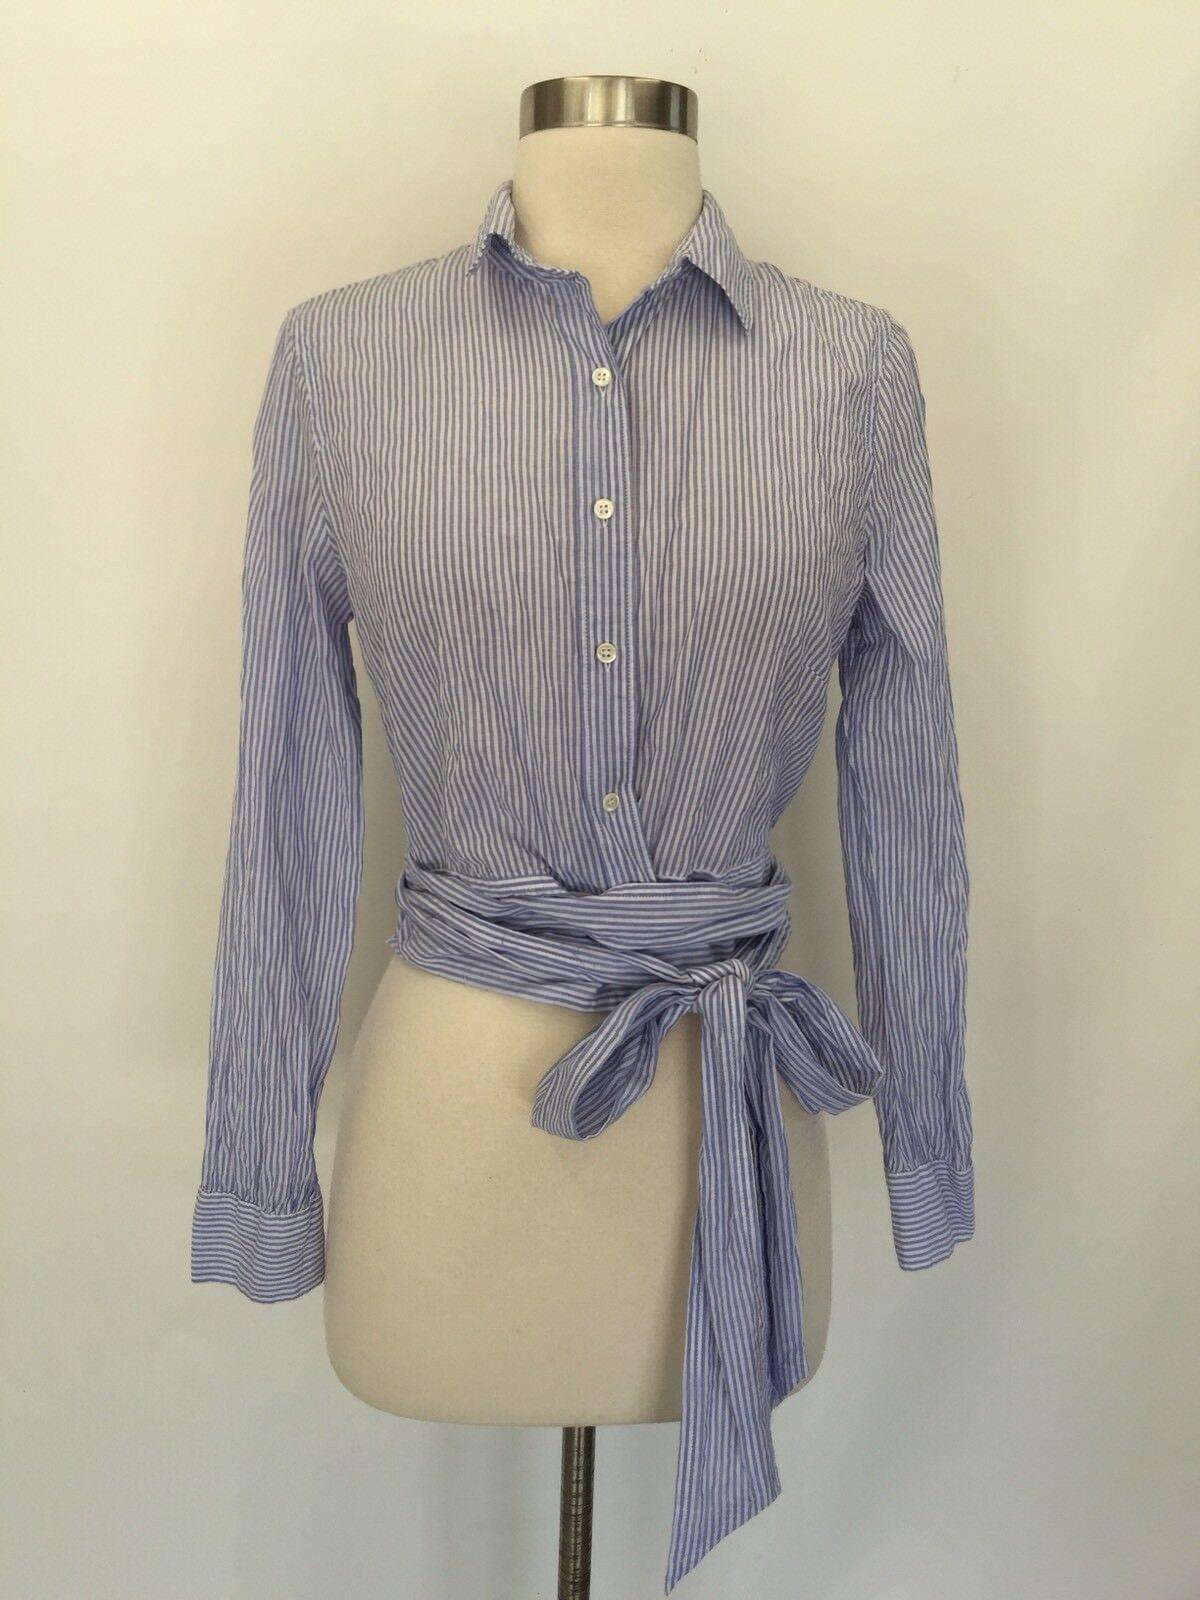 J Crew Striped Tie-Waist Top Blouse Blau Weiß Größe 2 G4004 Sold Out